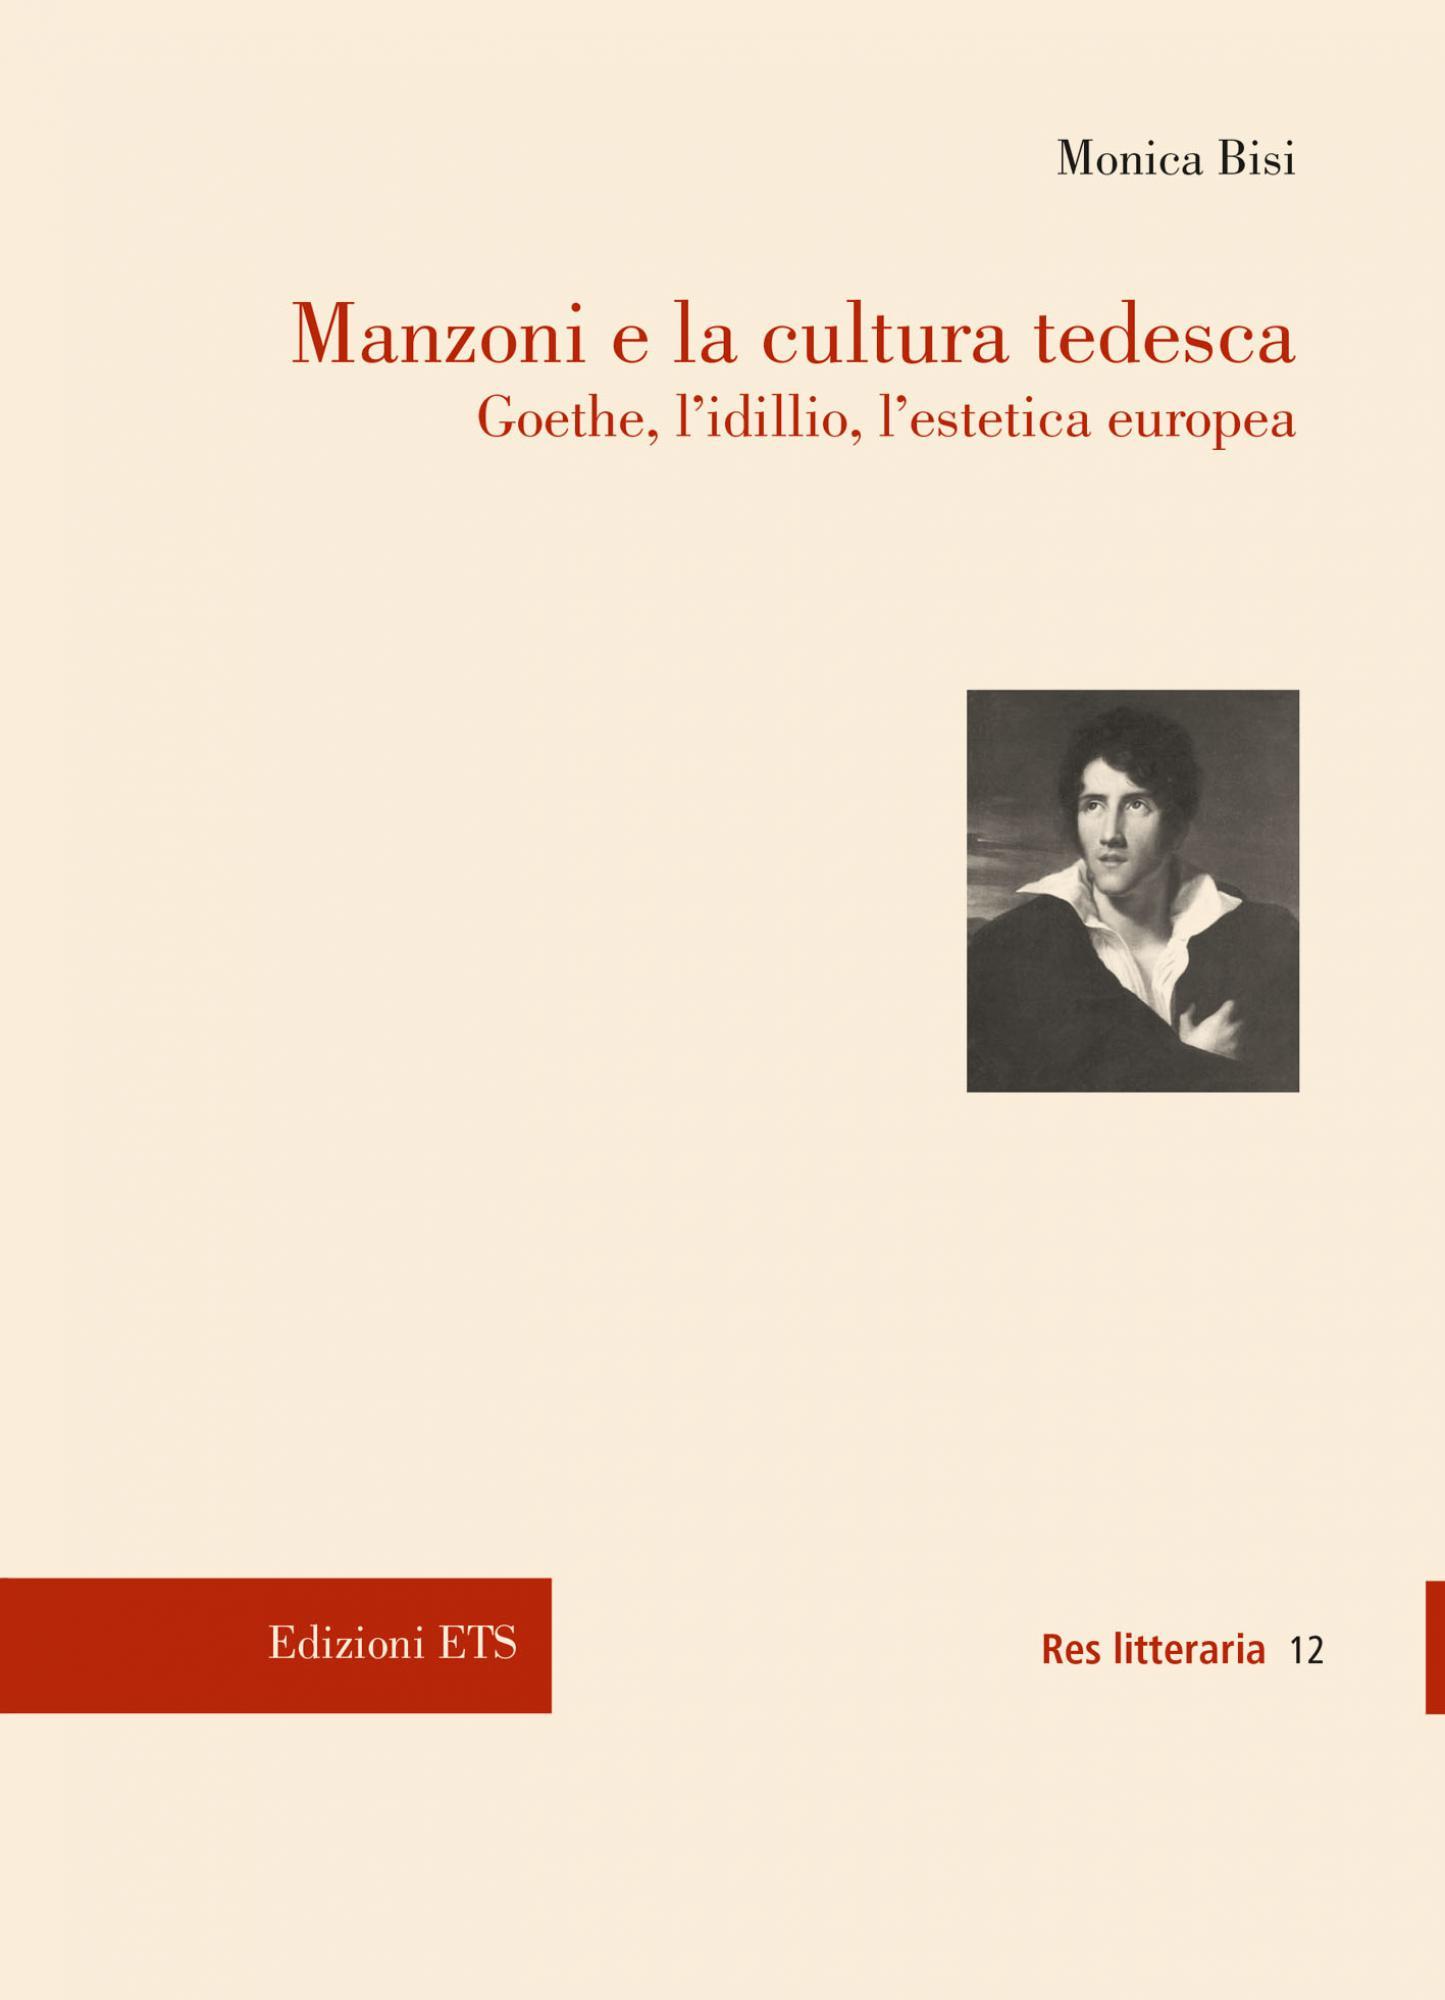 Manzoni e la cultura tedesca.Goethe, l'idillio, l'estetica europea